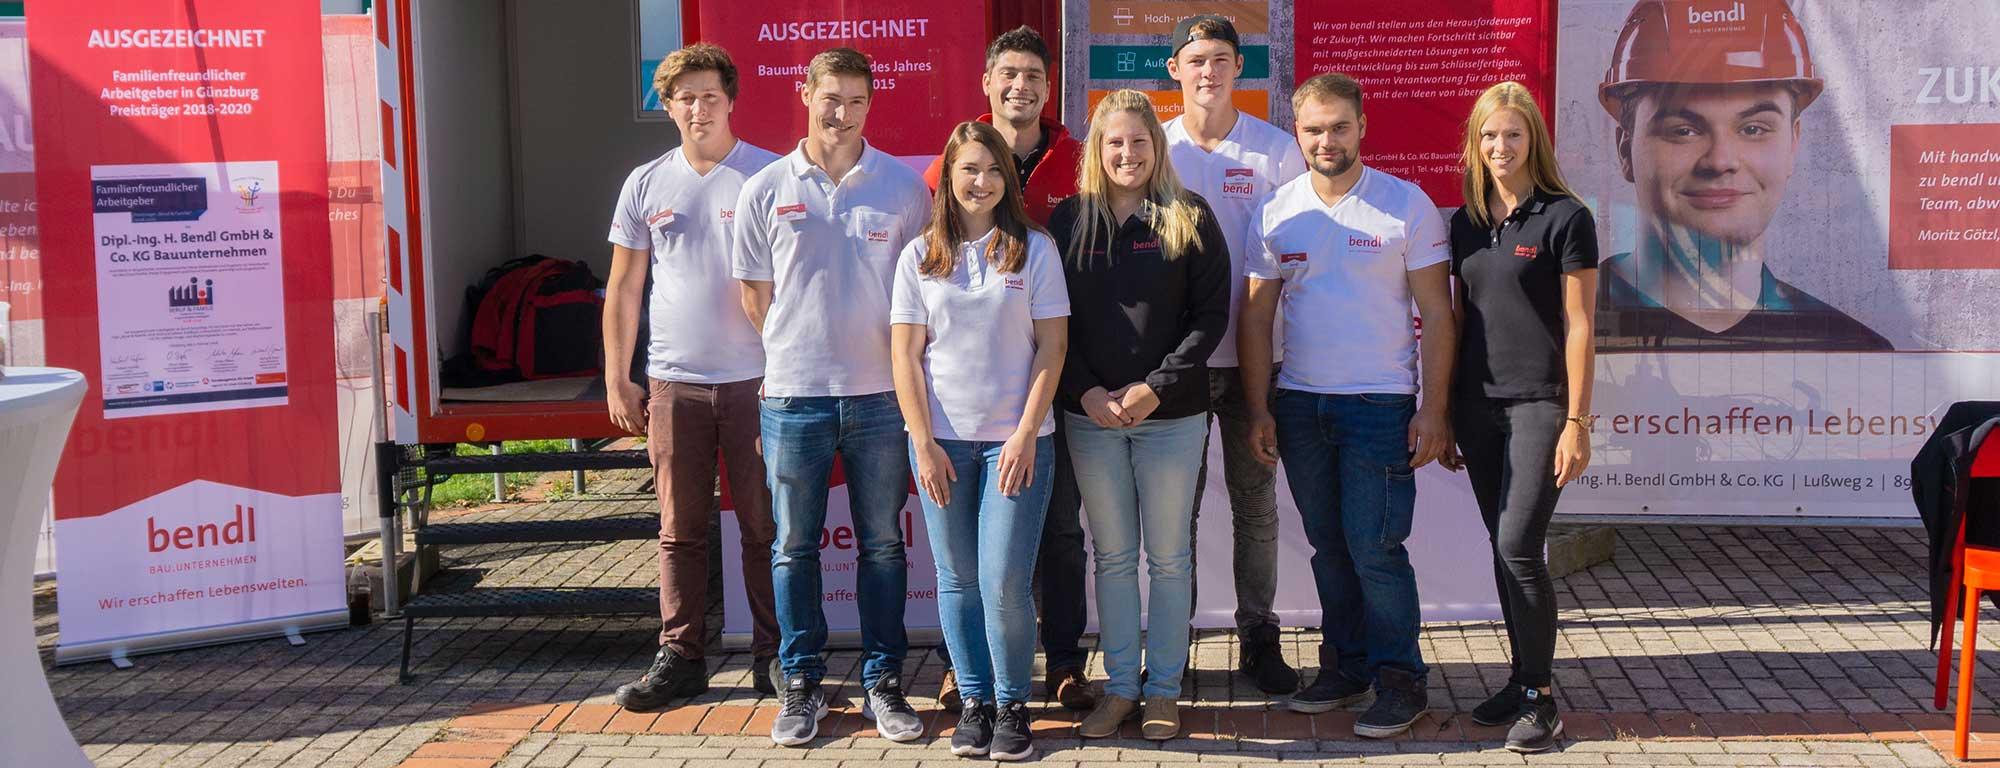 Das bendl-Team bei der IBS 2018 in Günzburg